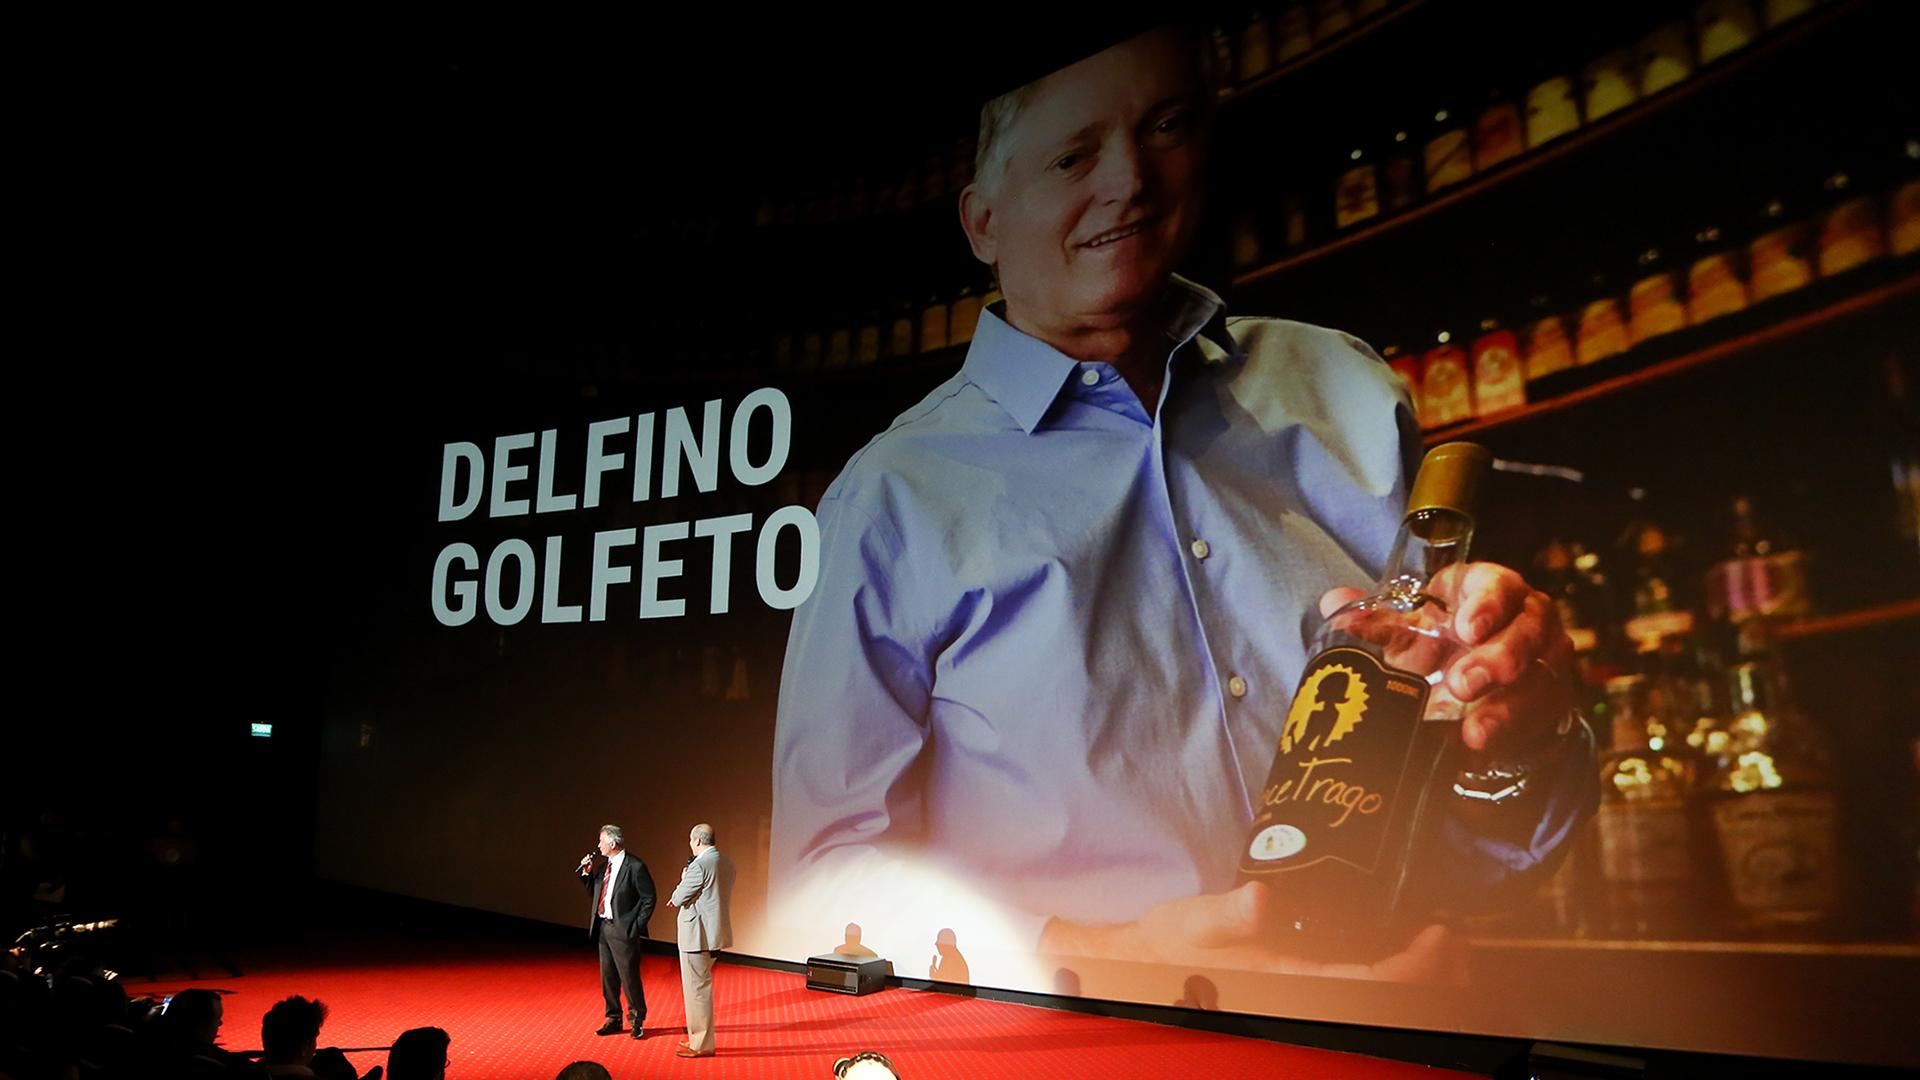 """Delfino Golfeto: """"Um cara comum"""" estreia no Cinépolis com sala cheia [VÍDEO]"""